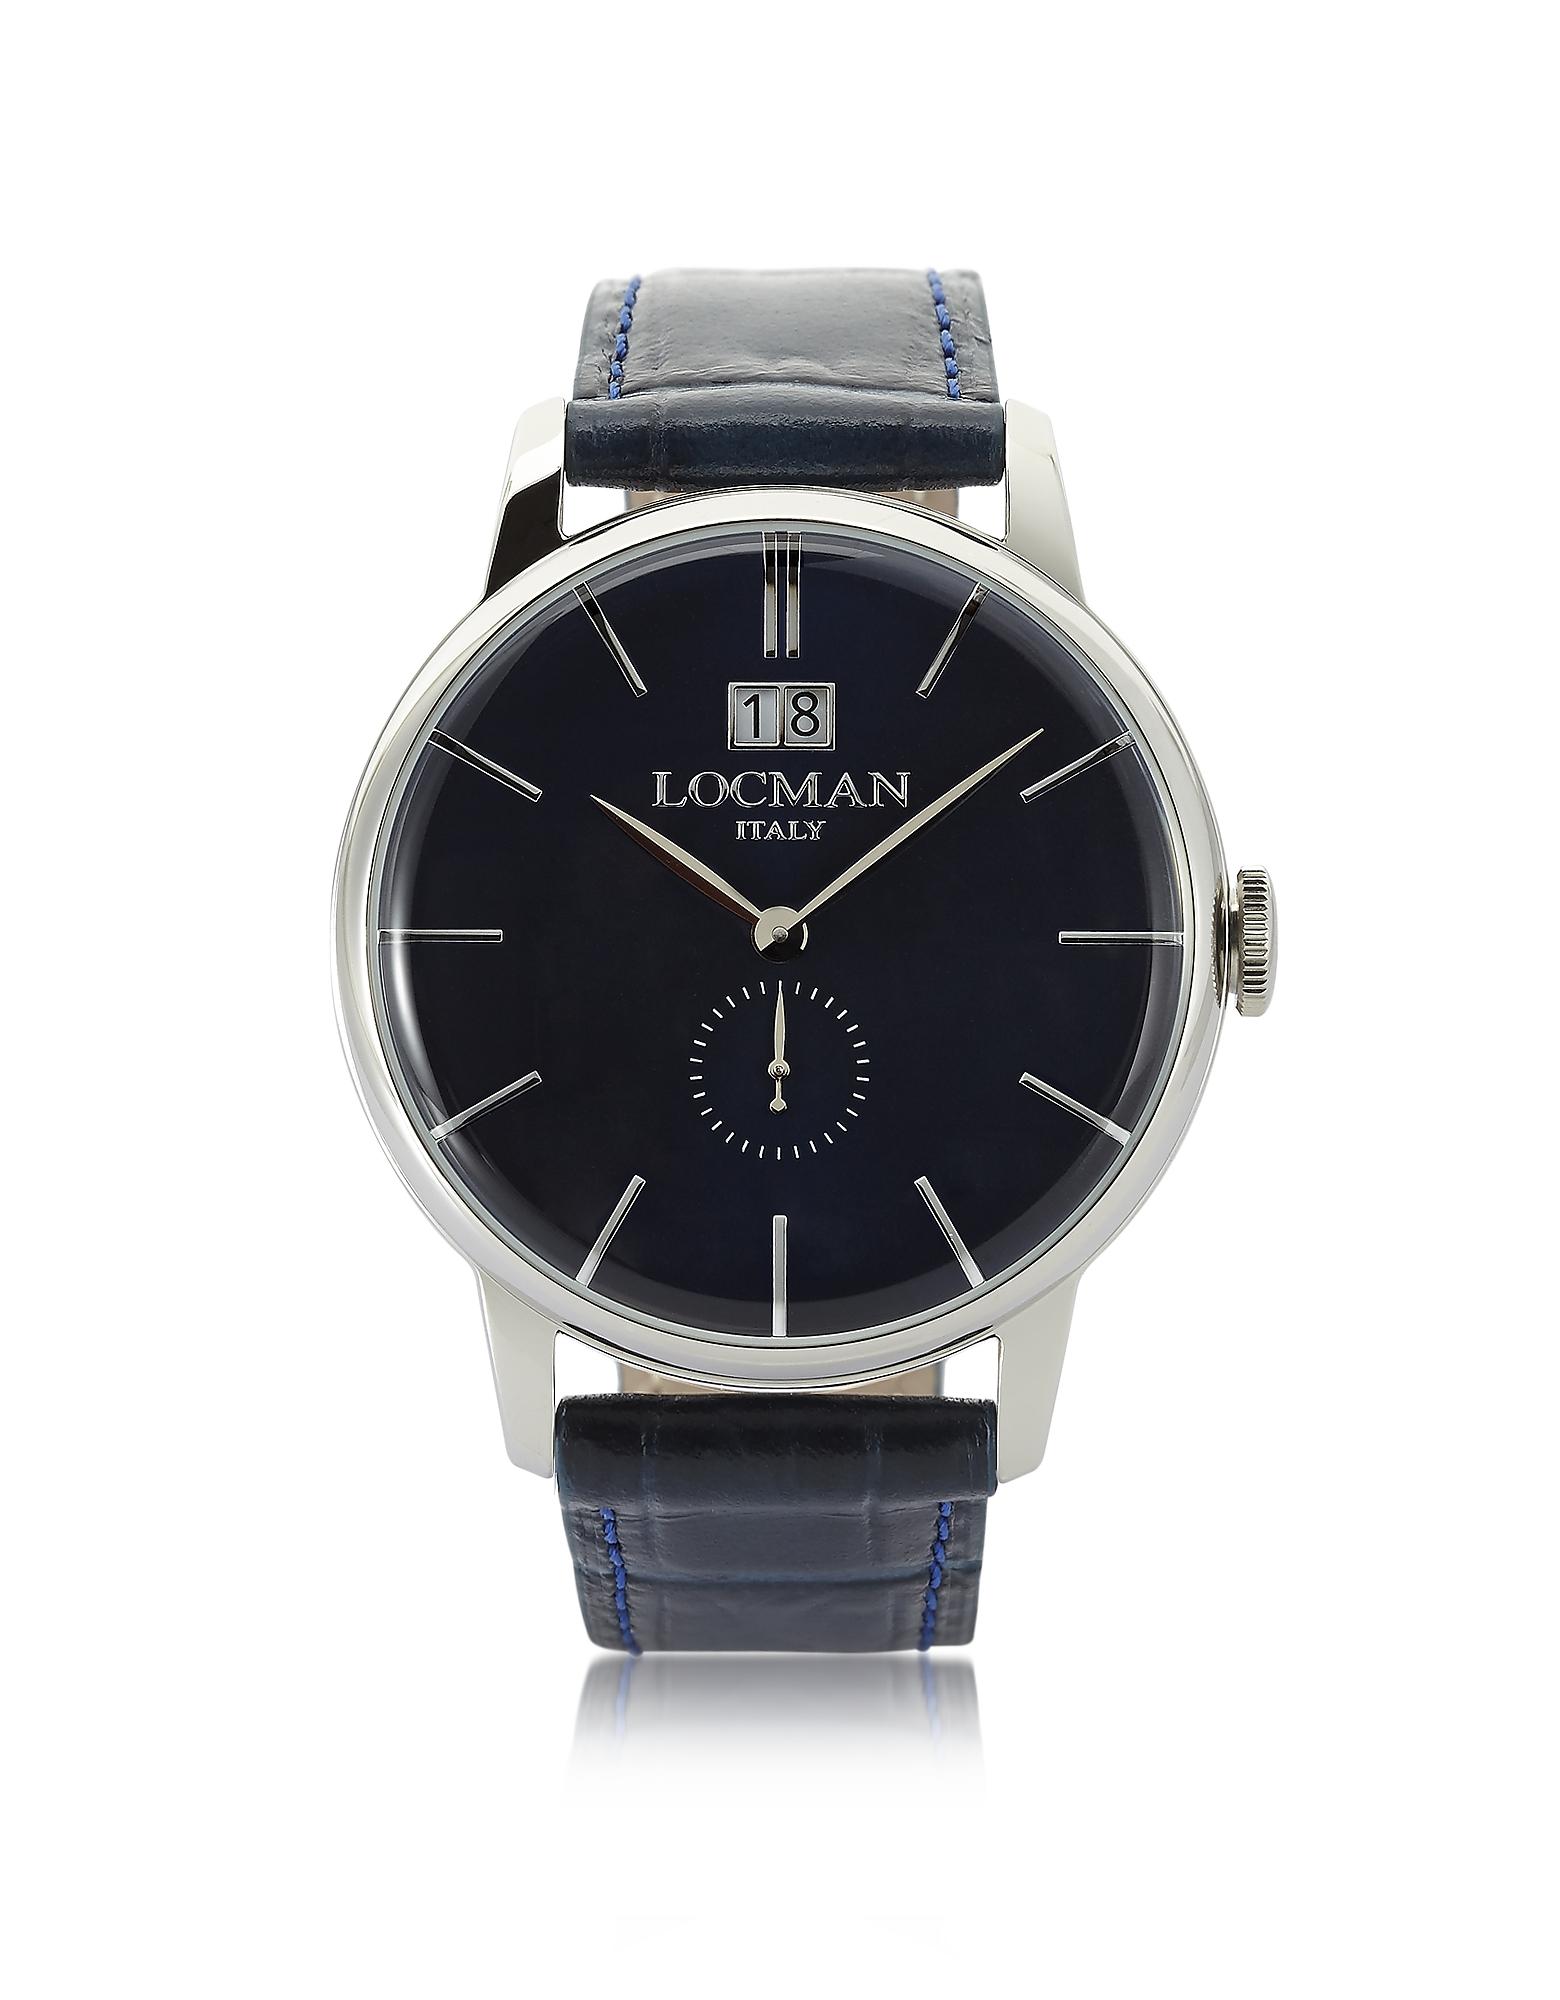 1960 - Серебристые Мужские Часы из Нержавеющей Стали на Темно-синем Ремешке из Кожи под Крокодиловую